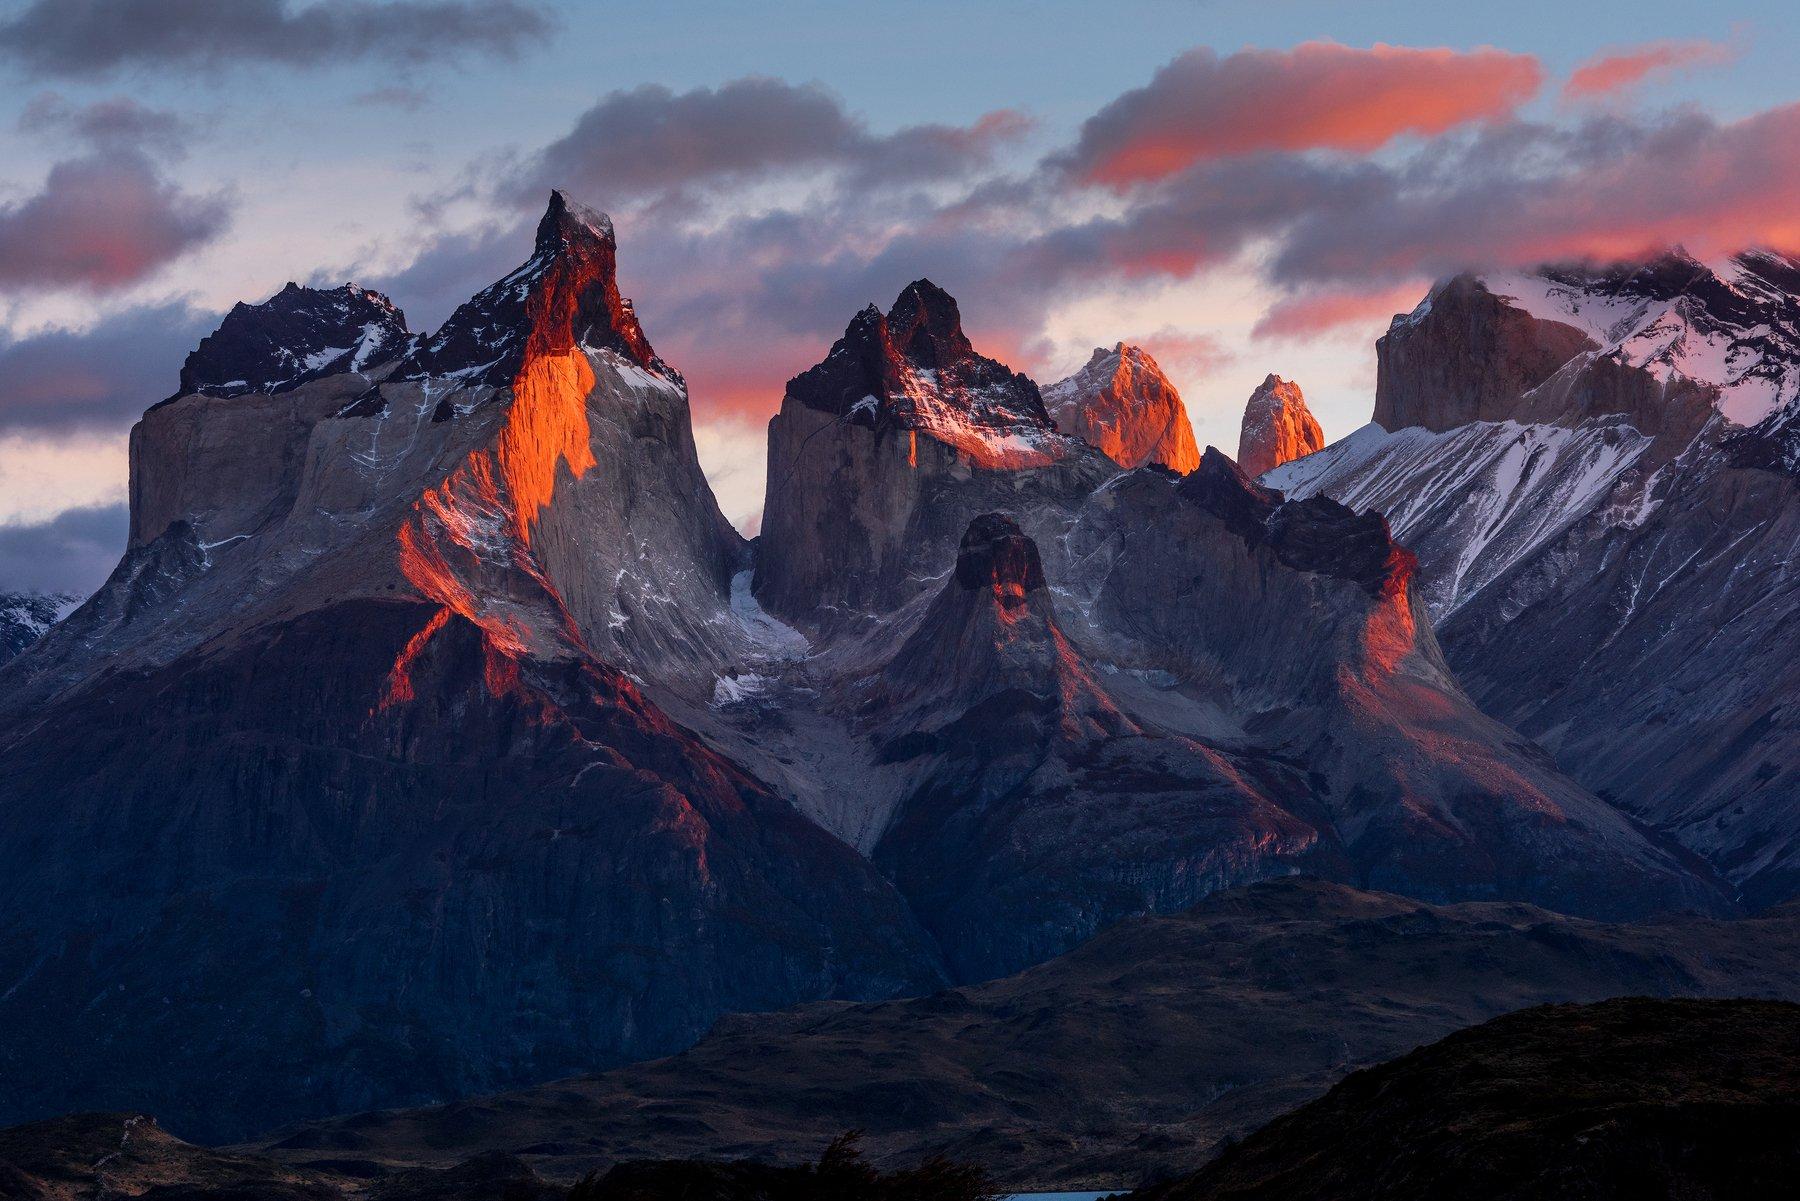 Патагония, Чили, озеро Пеое, Торрес дель Пайне, Владимир Рябков